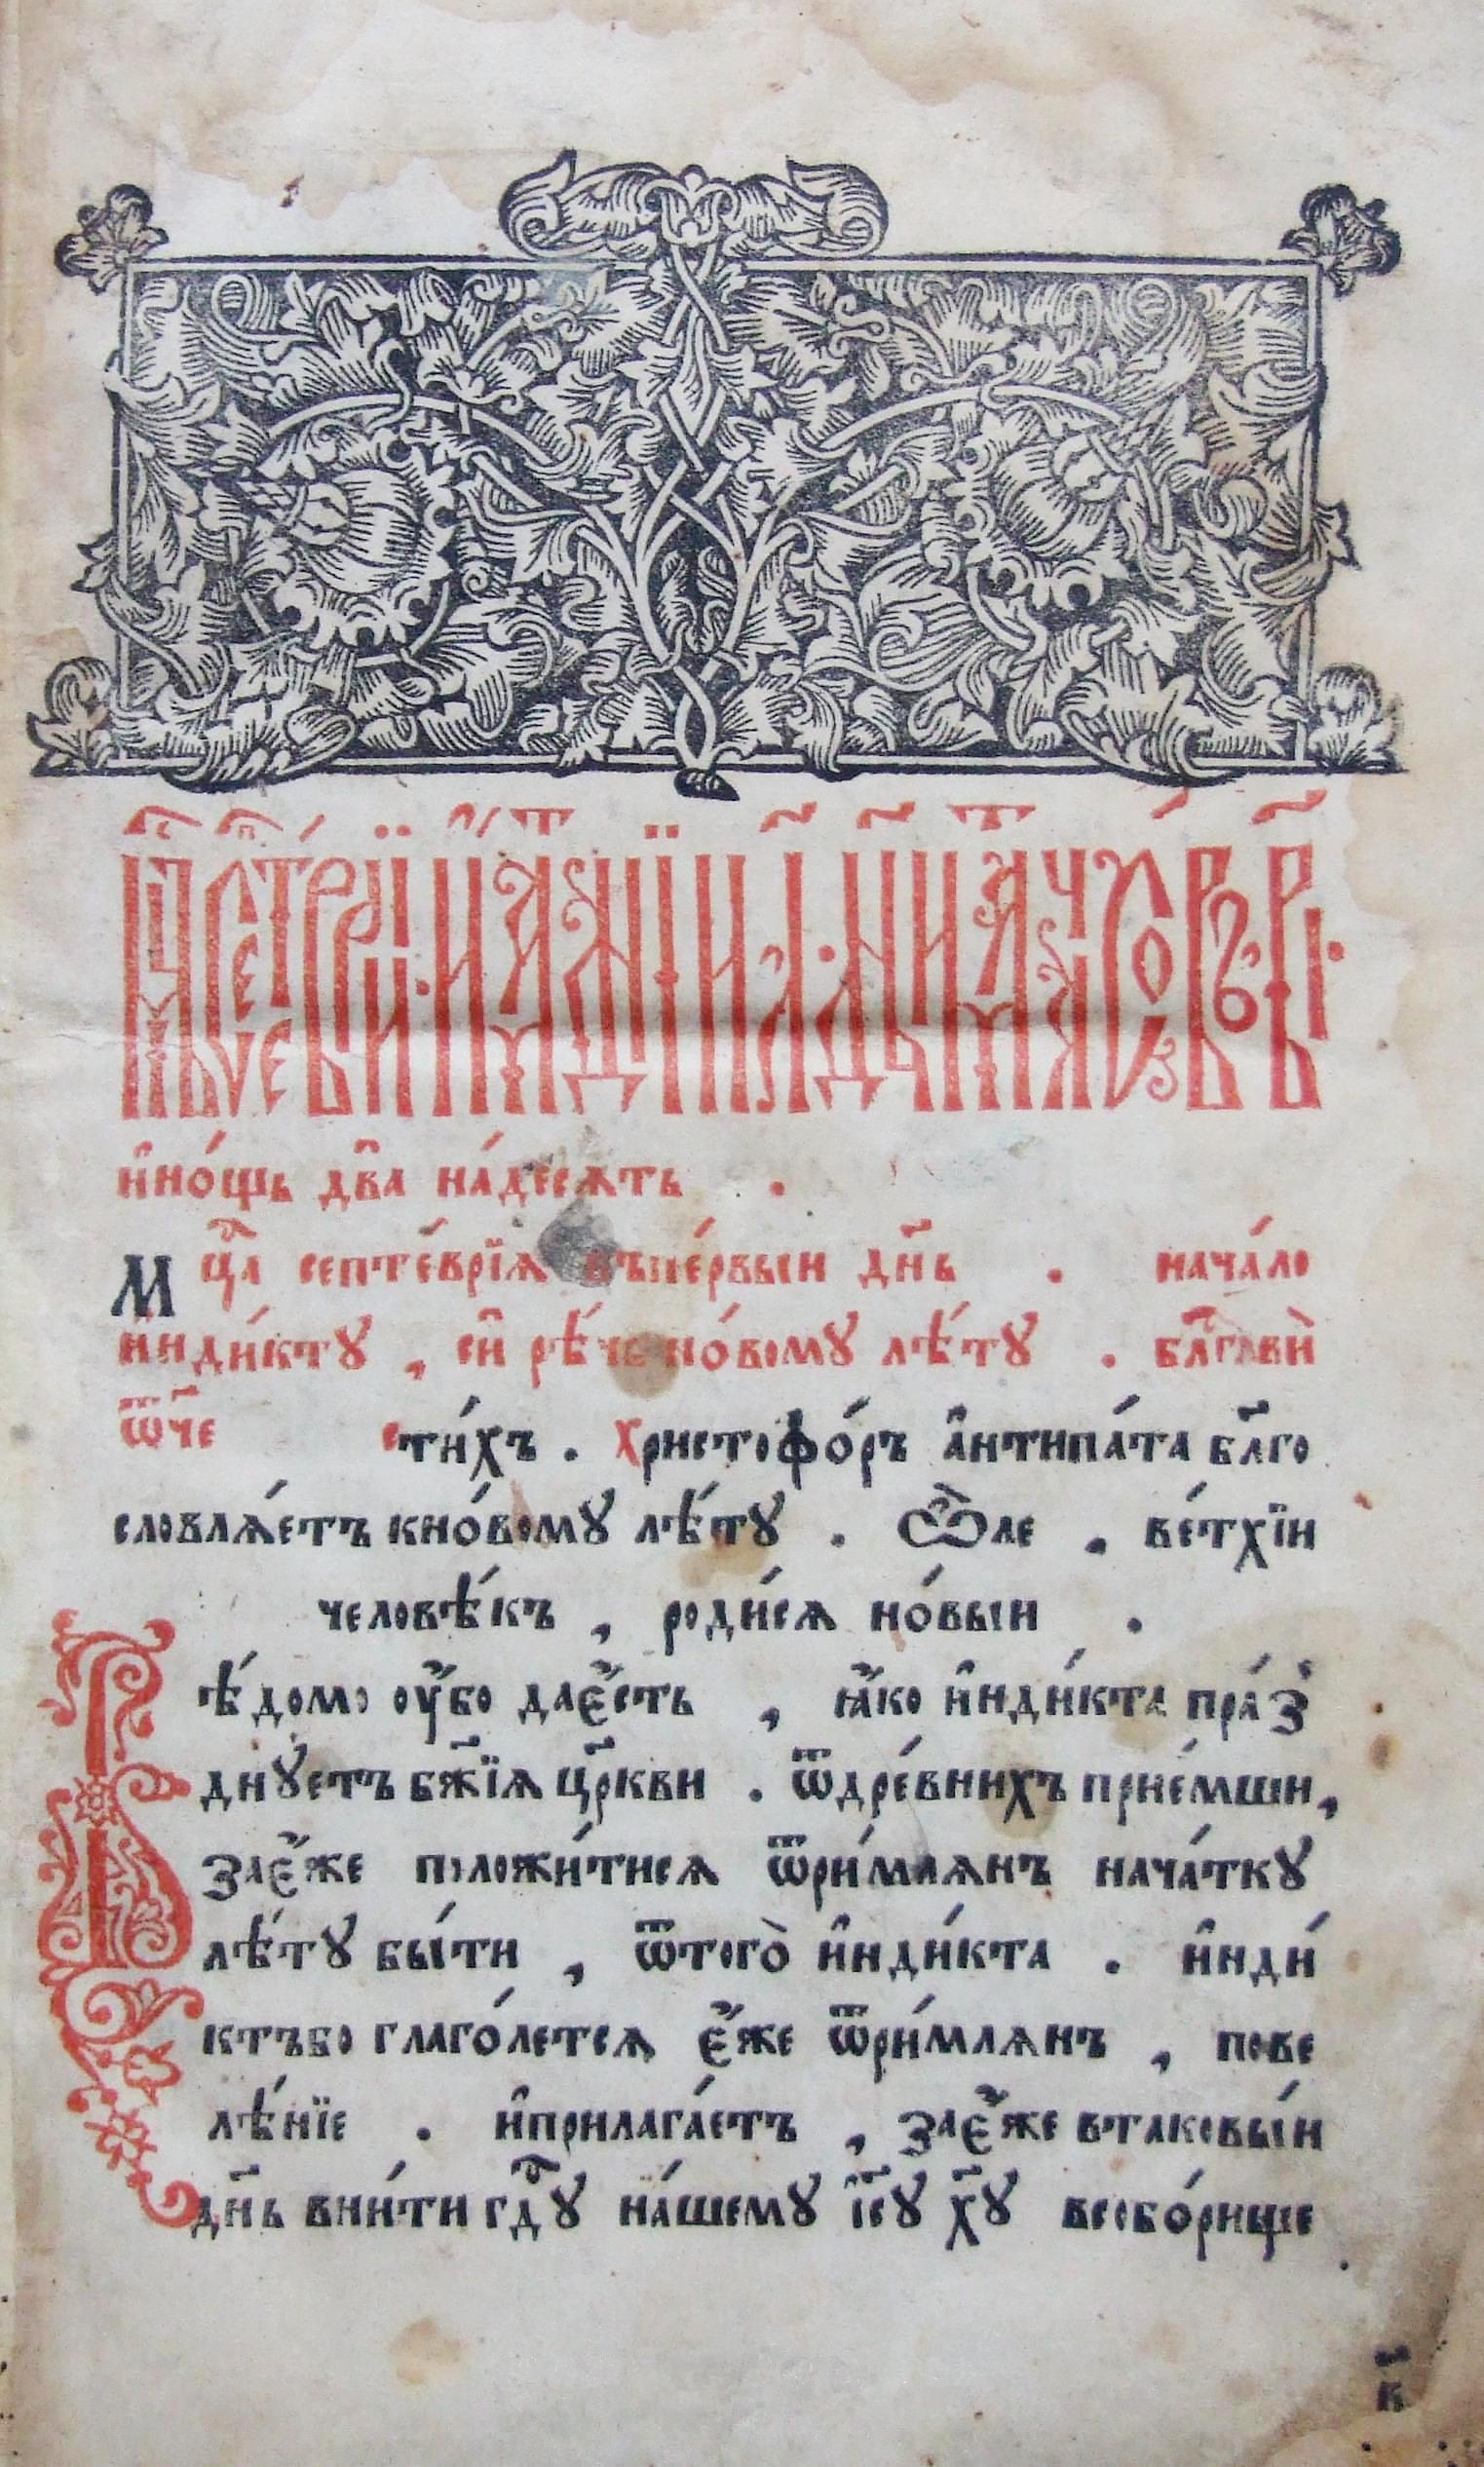 антиквариат церковная книга пролог 1642-1643 цена ценность свежие вакансии бухгалтера